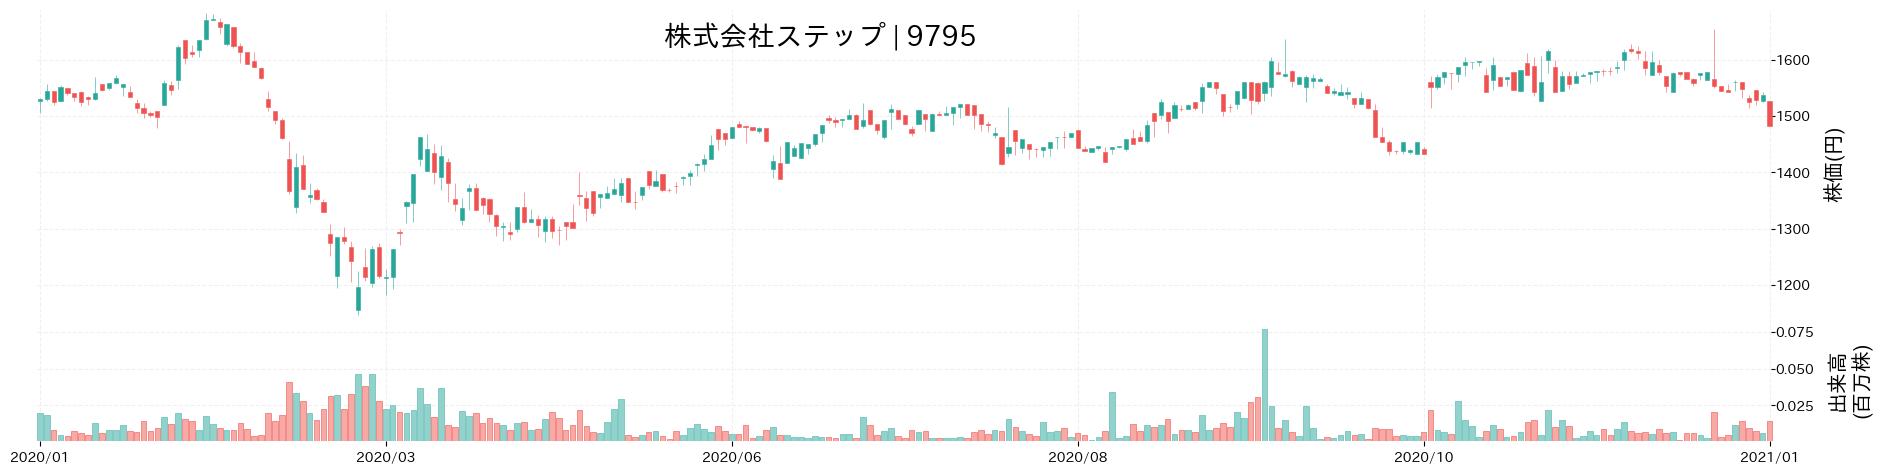 株式会社ステップの株価推移(2020)